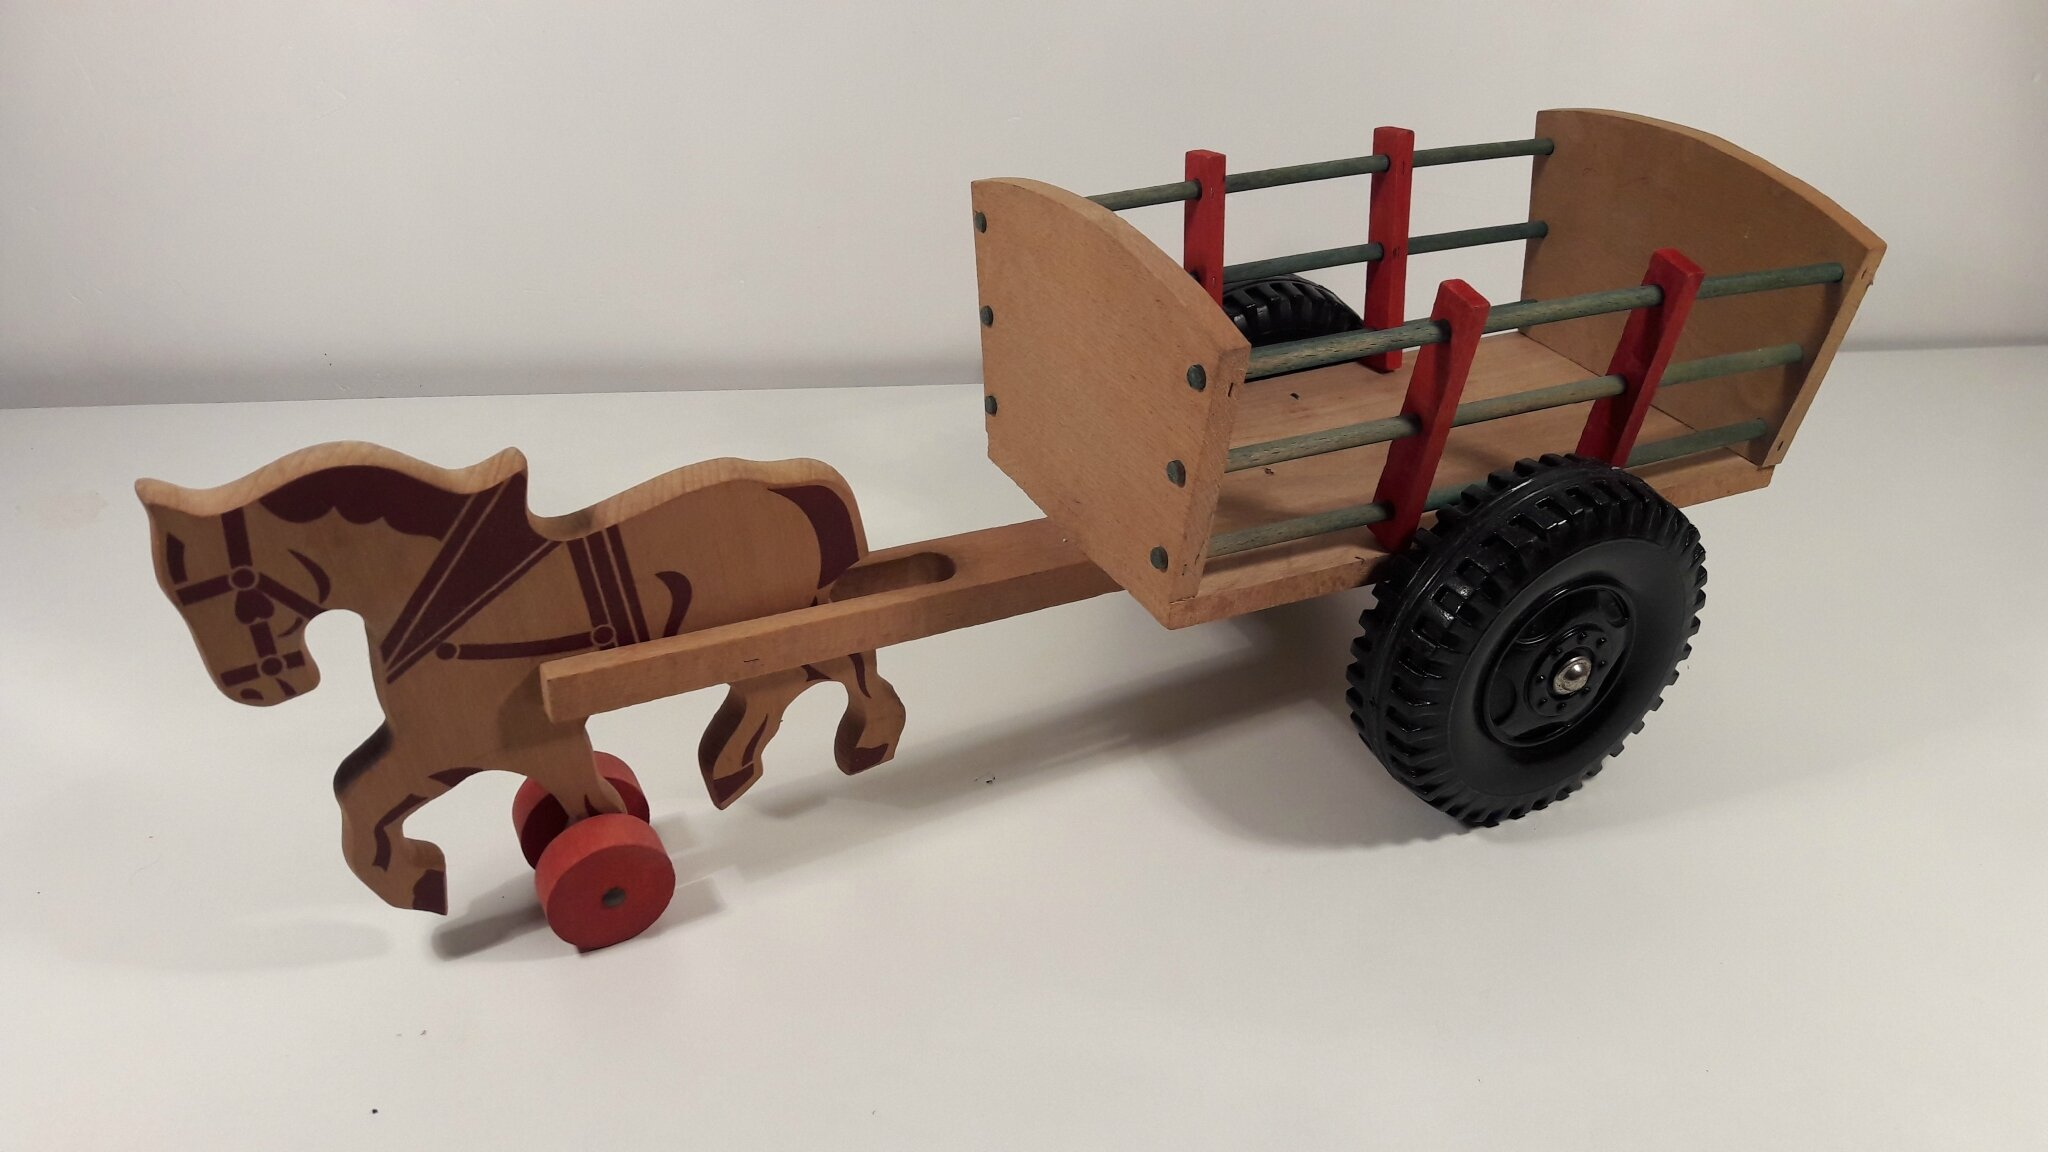 attelage charette en bois l 500 mm marque inconnue les jouets de nicolas. Black Bedroom Furniture Sets. Home Design Ideas